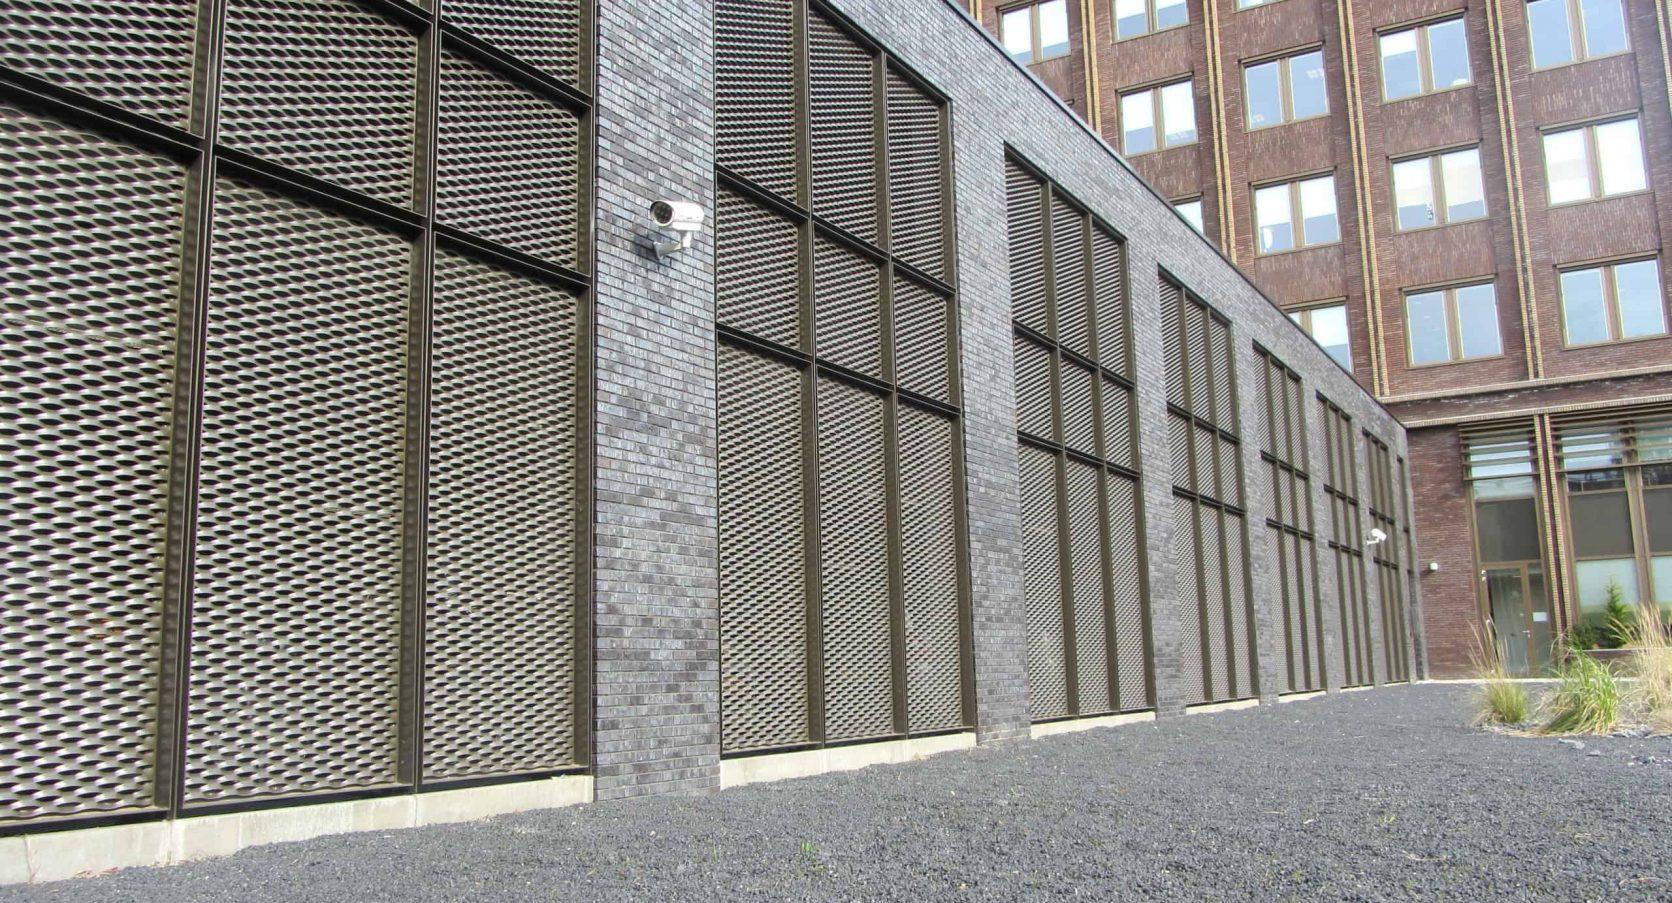 Zijaanzicht van de Parkeergarage Technolution in Gouda met gevelbekleding van MD Strekmetaal in de kleur donkerblond